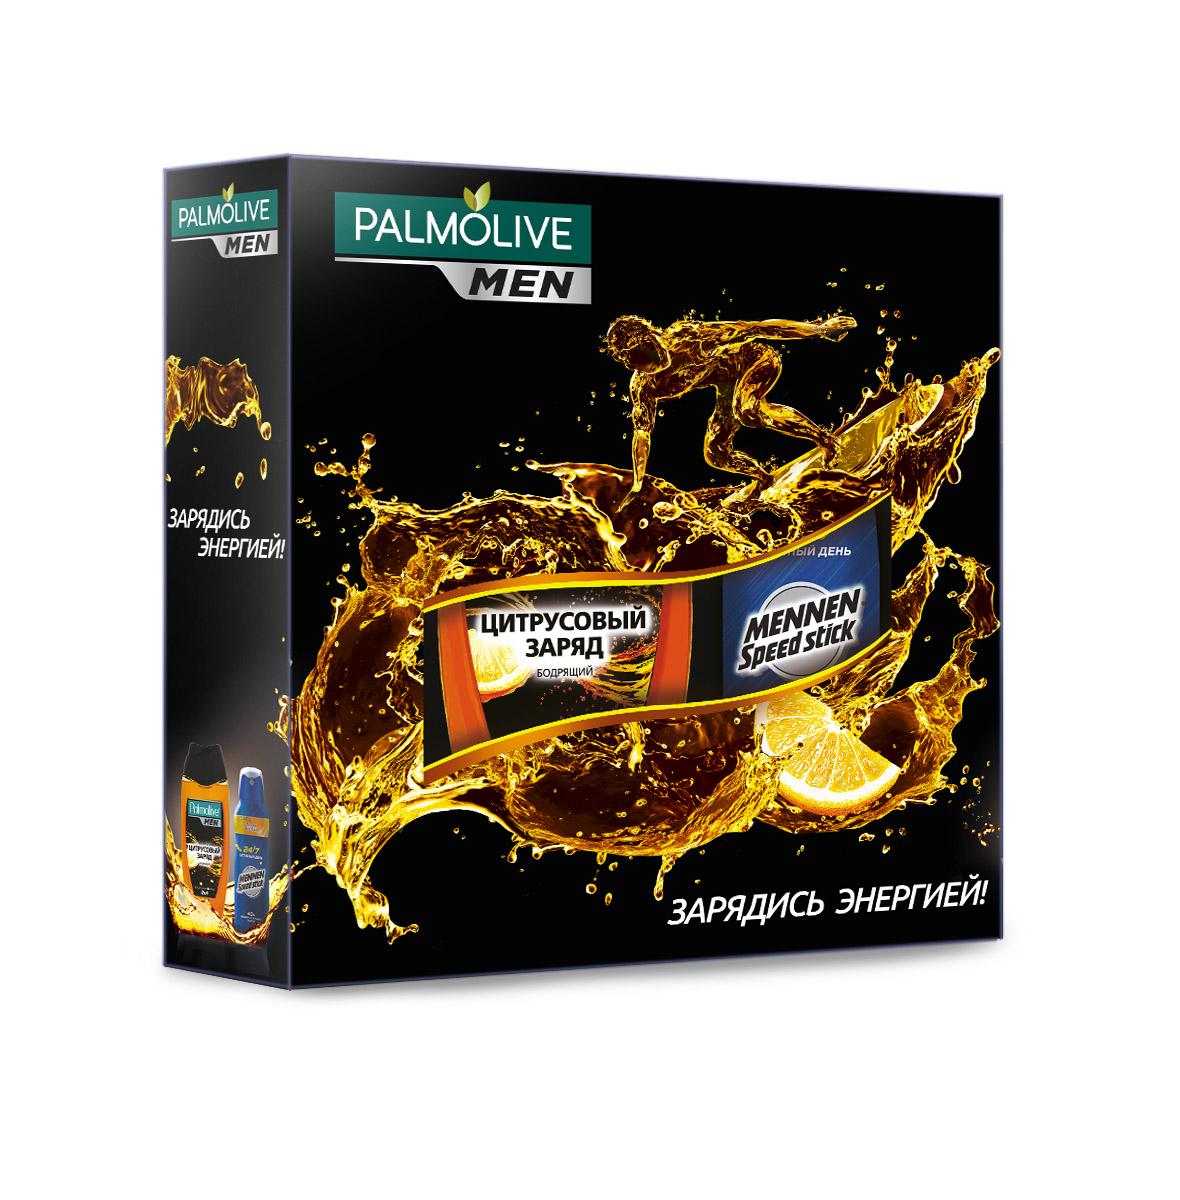 Подарочный набор Palmolive Men Заряд Энергии2218Гель для душа Цитрусовый заряд 250мл - 1шт, спрей Меннен Активный день 150мл - 1шт в коробке